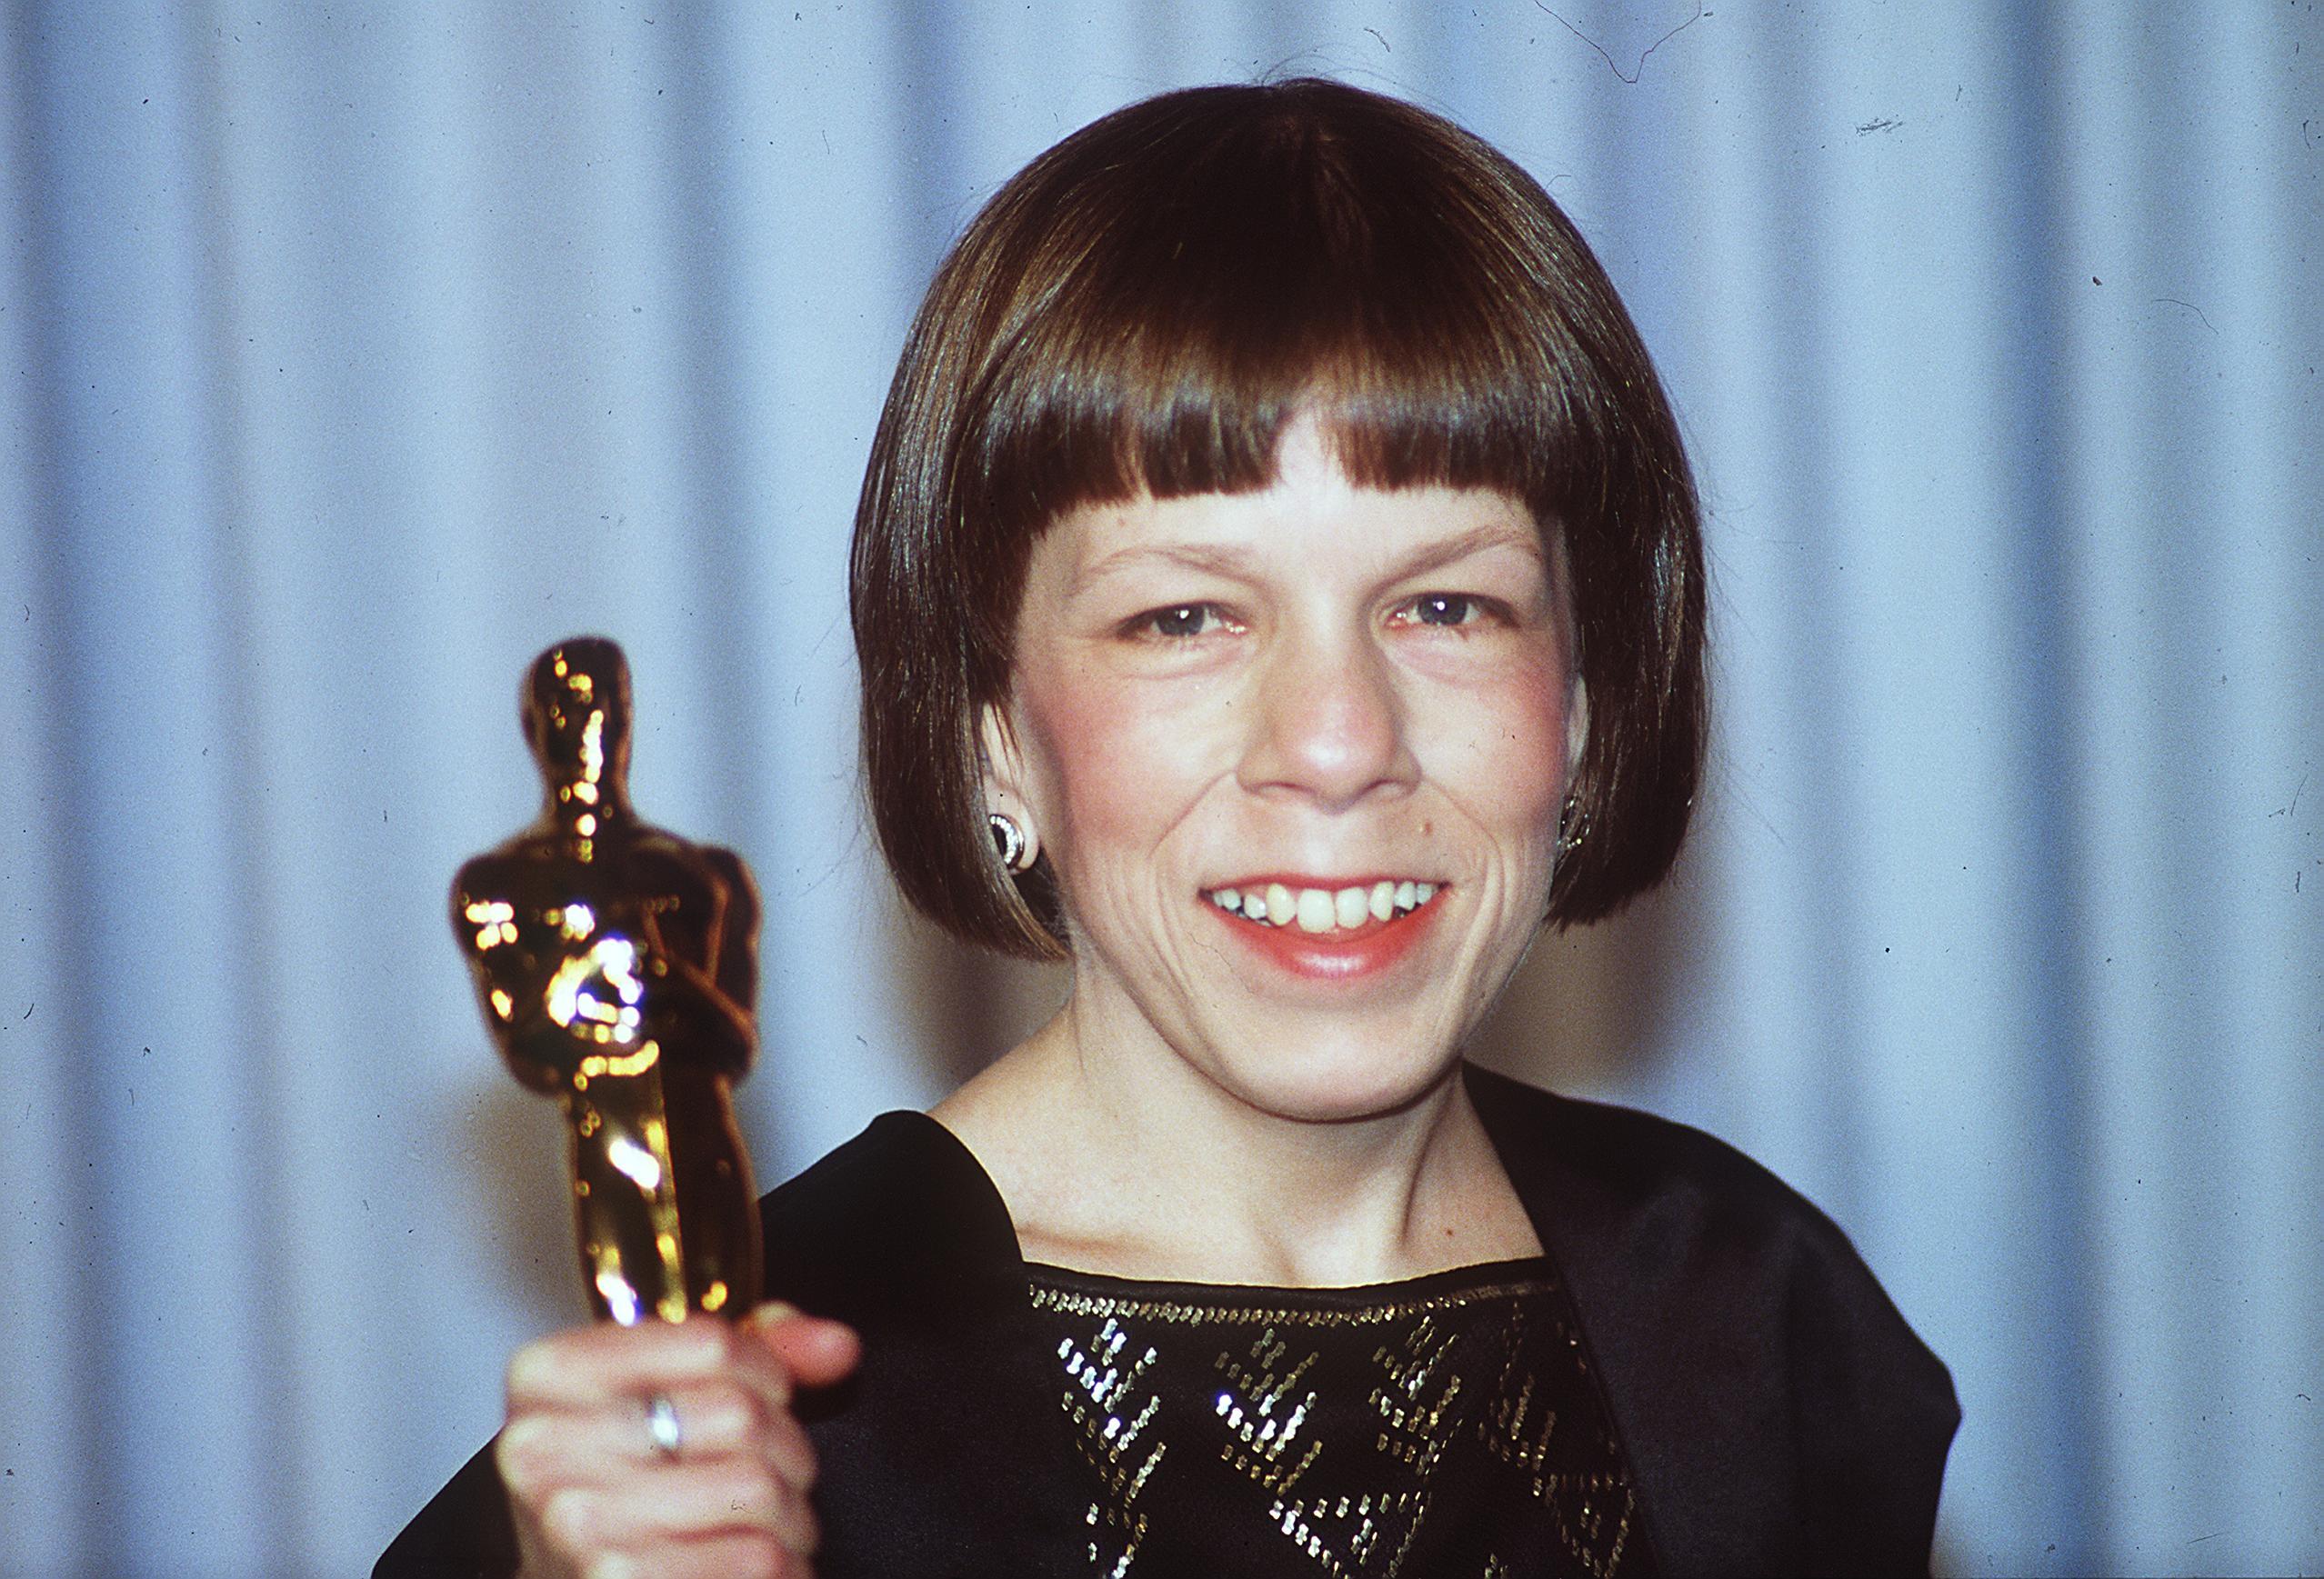 Eine junge Linda Hunt bei Preisverleihung (Oscar-Verleihung) | Quelle: Getty Images/Global Images Ukraine